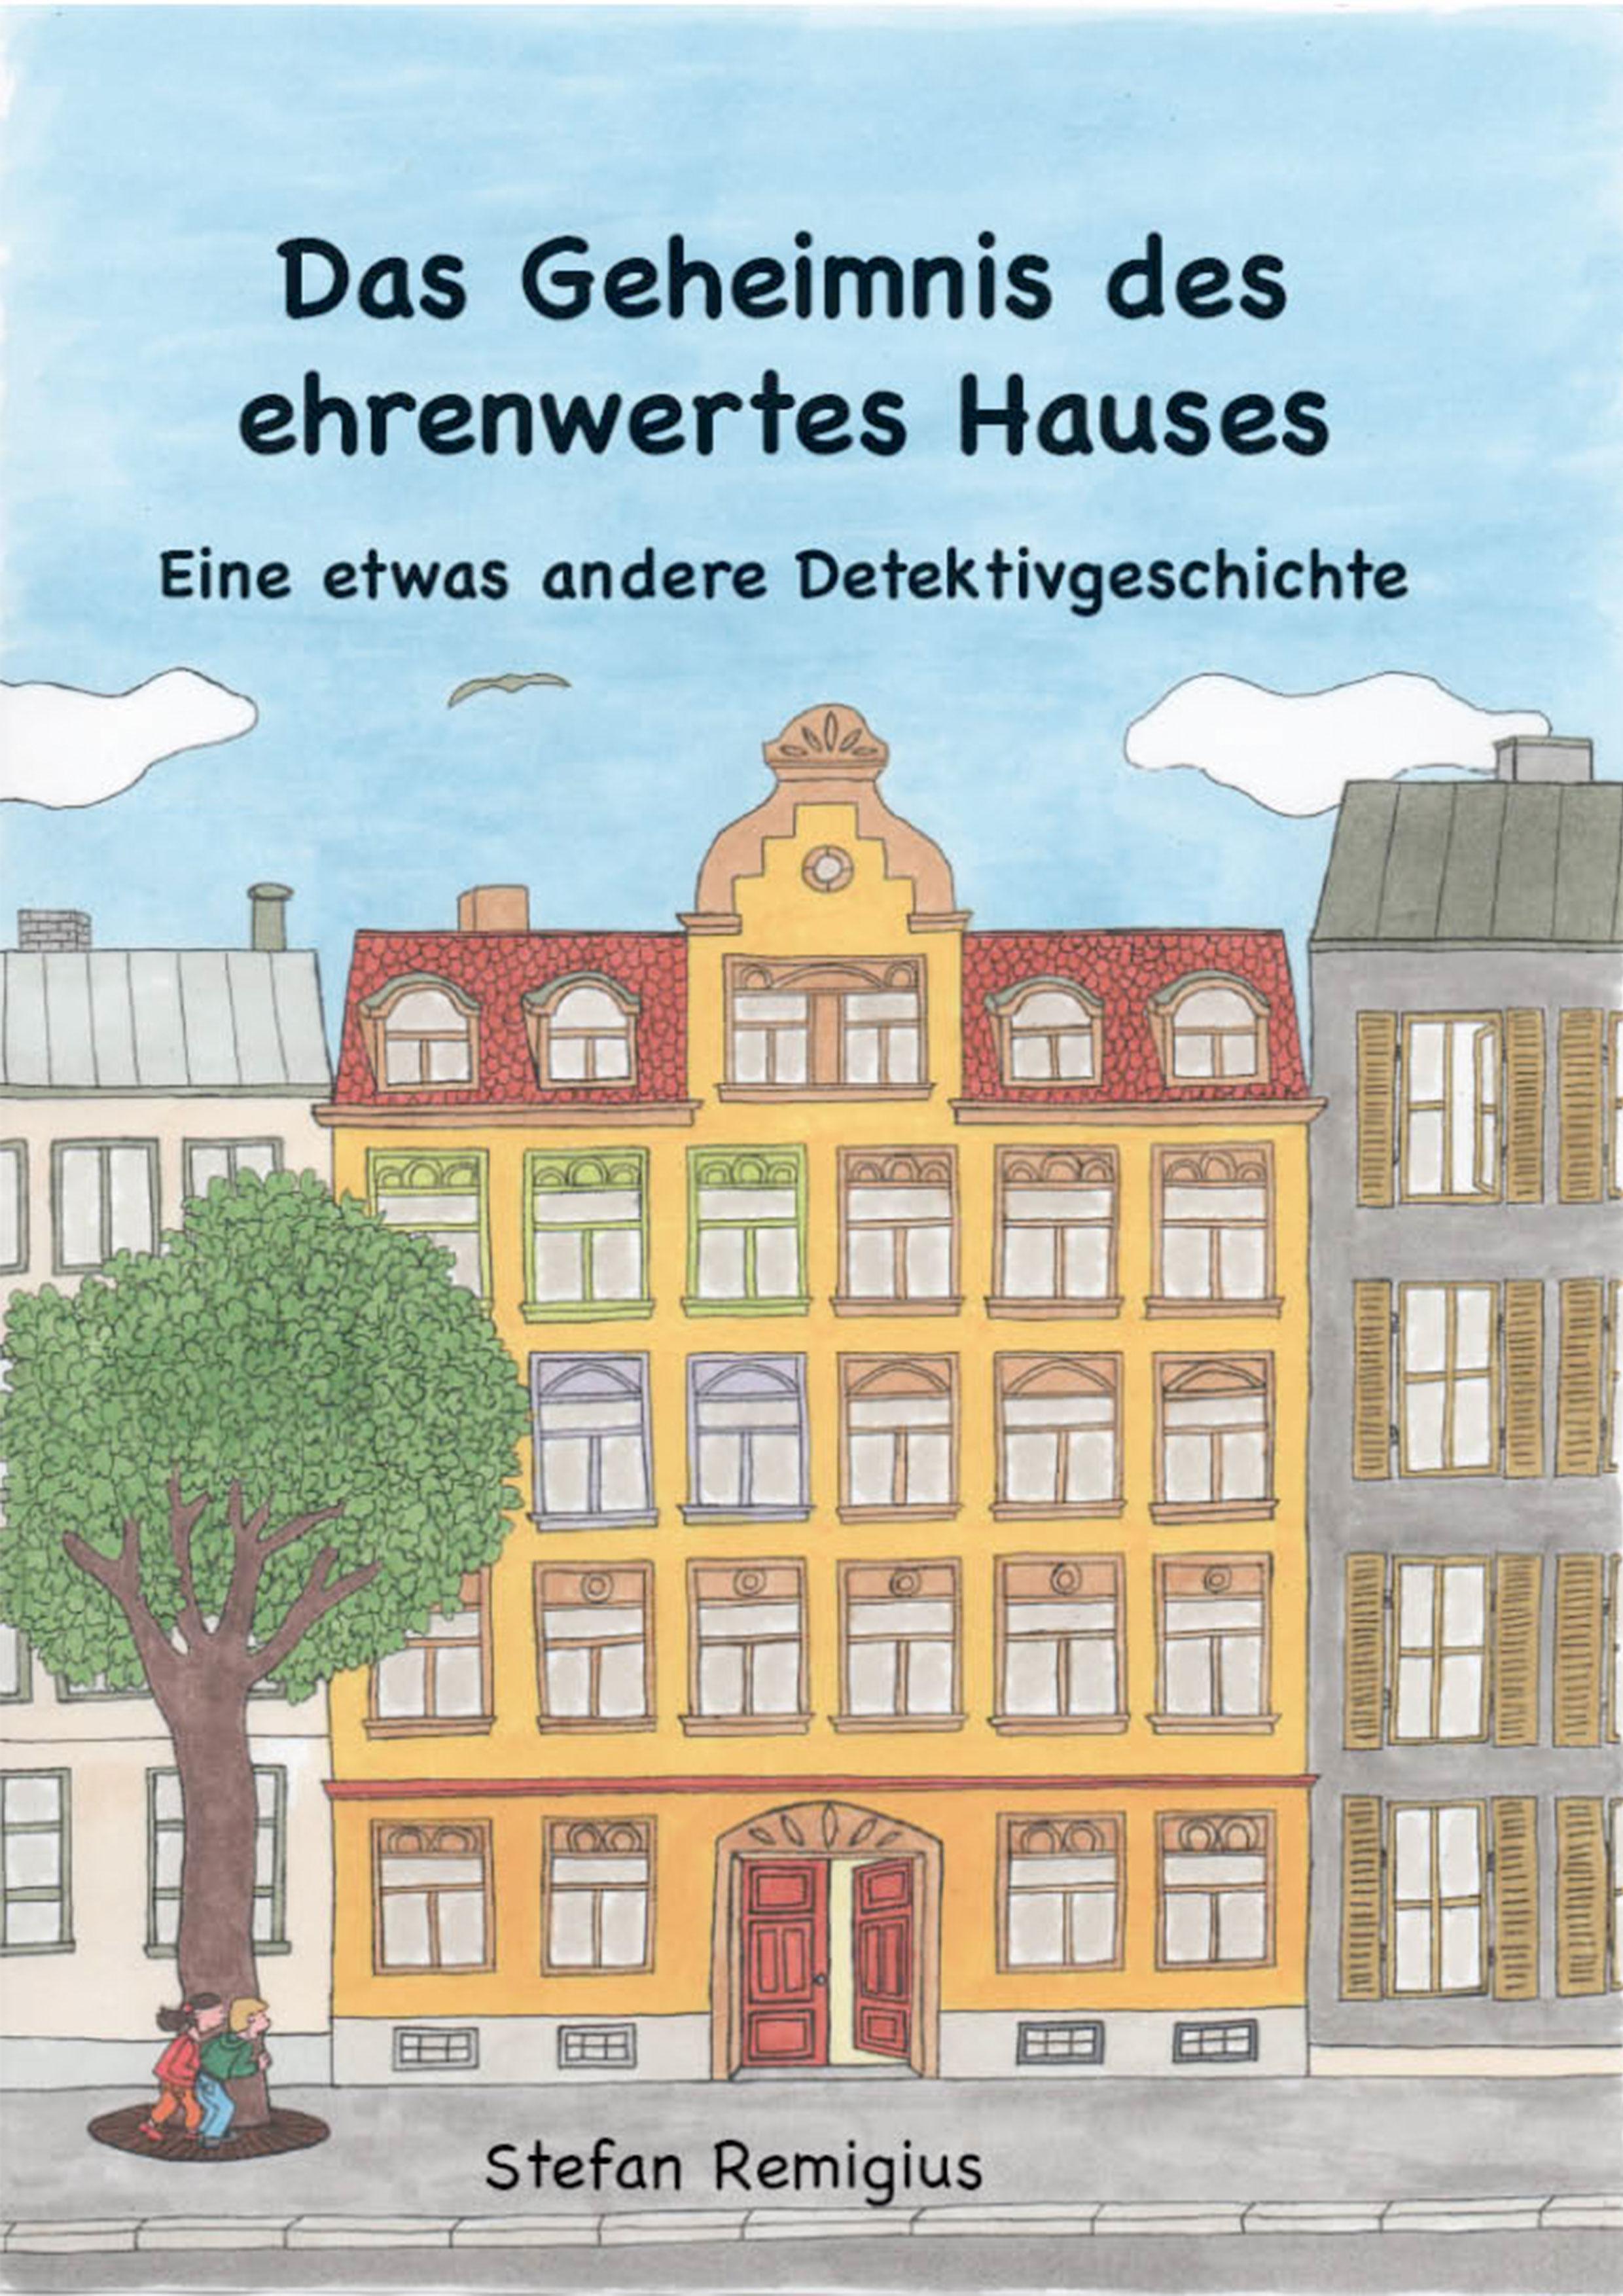 ehrenw-haus